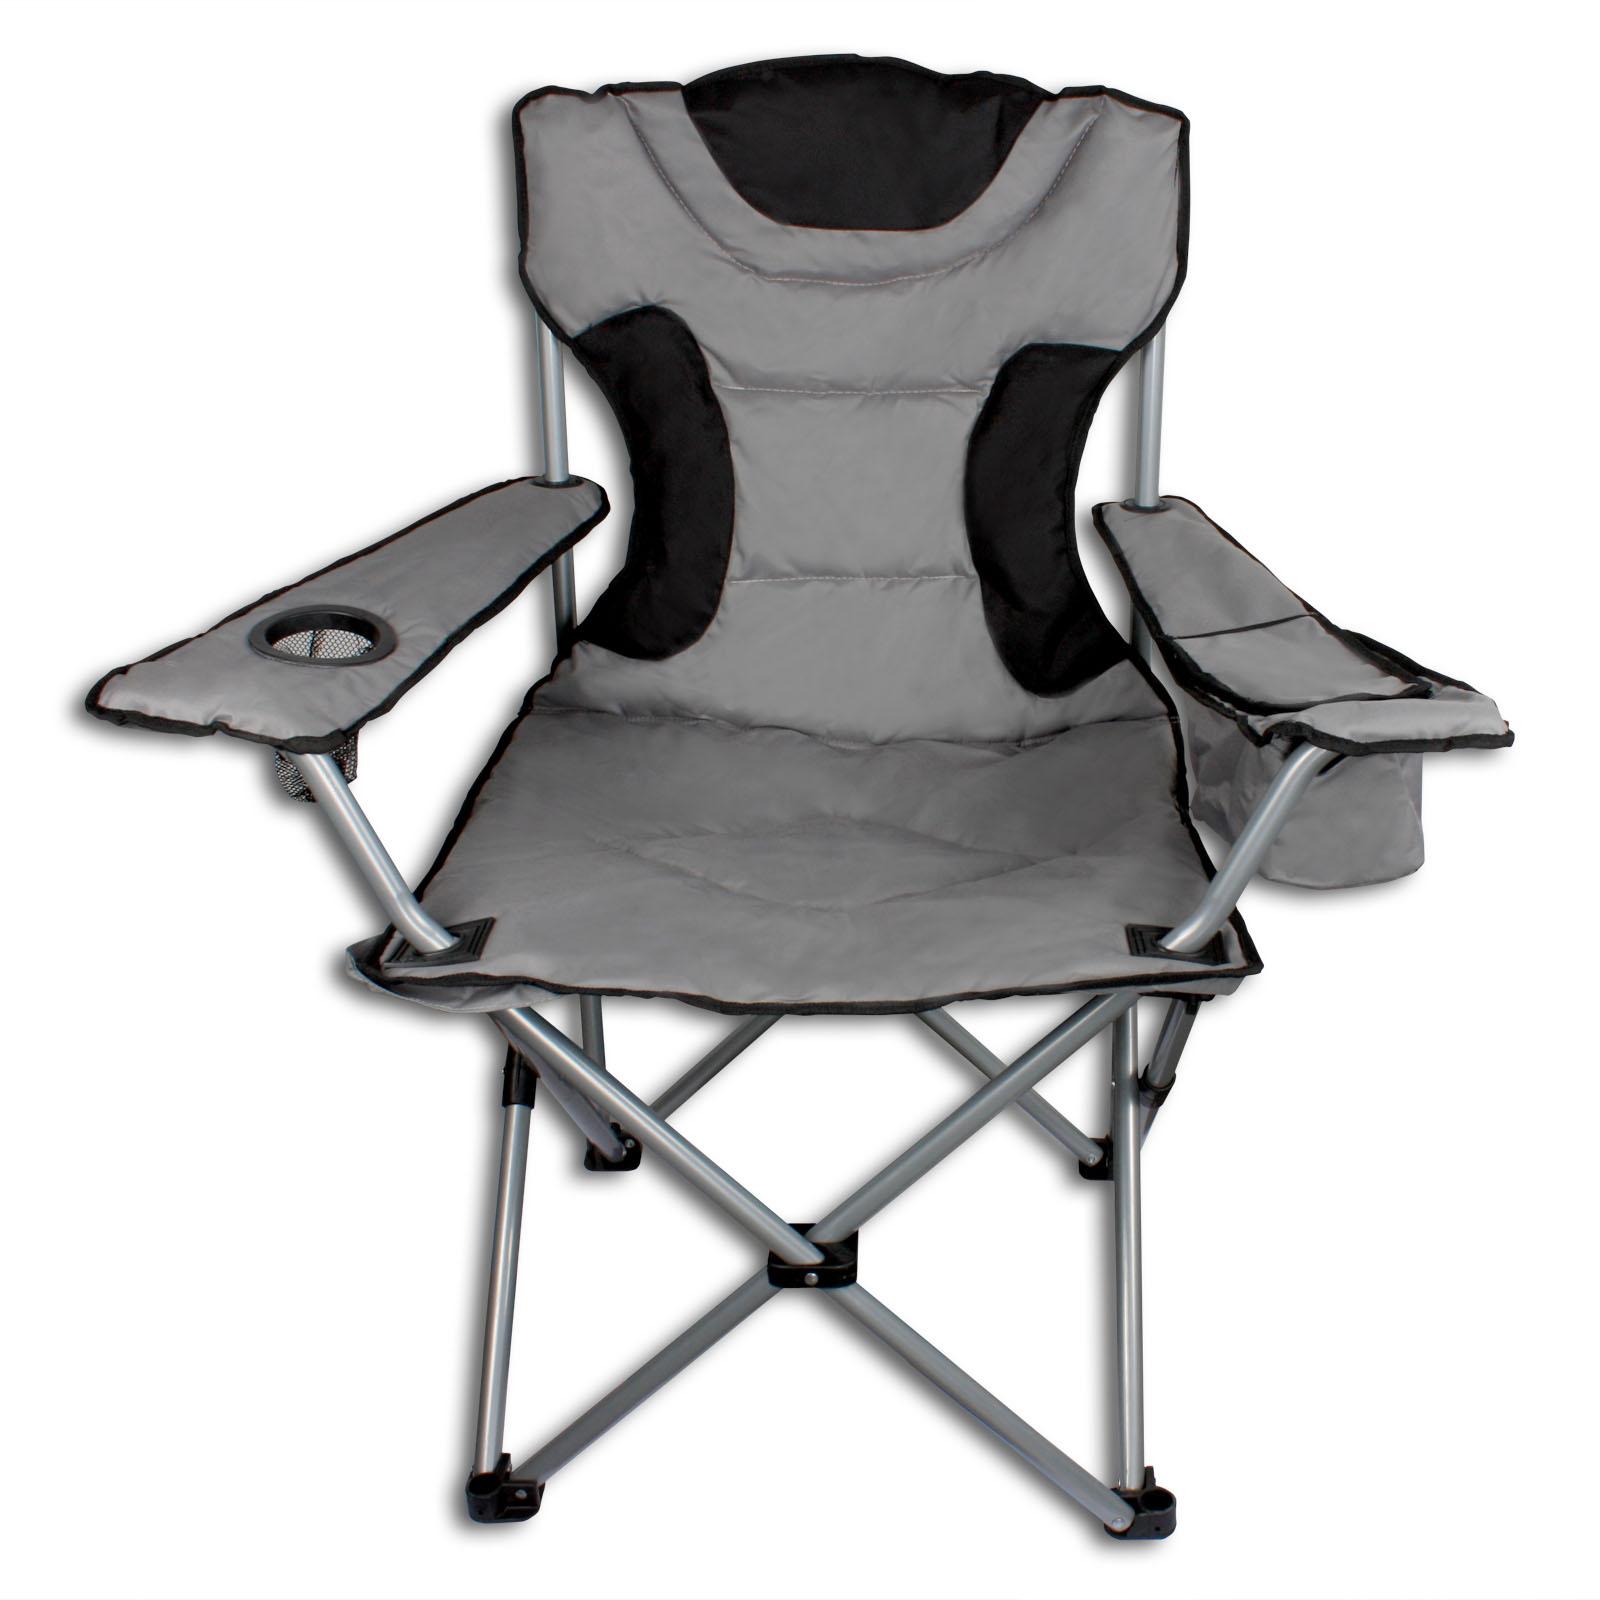 campingstuhl klappstuhl faltstuhl gepolstert inkl. Black Bedroom Furniture Sets. Home Design Ideas